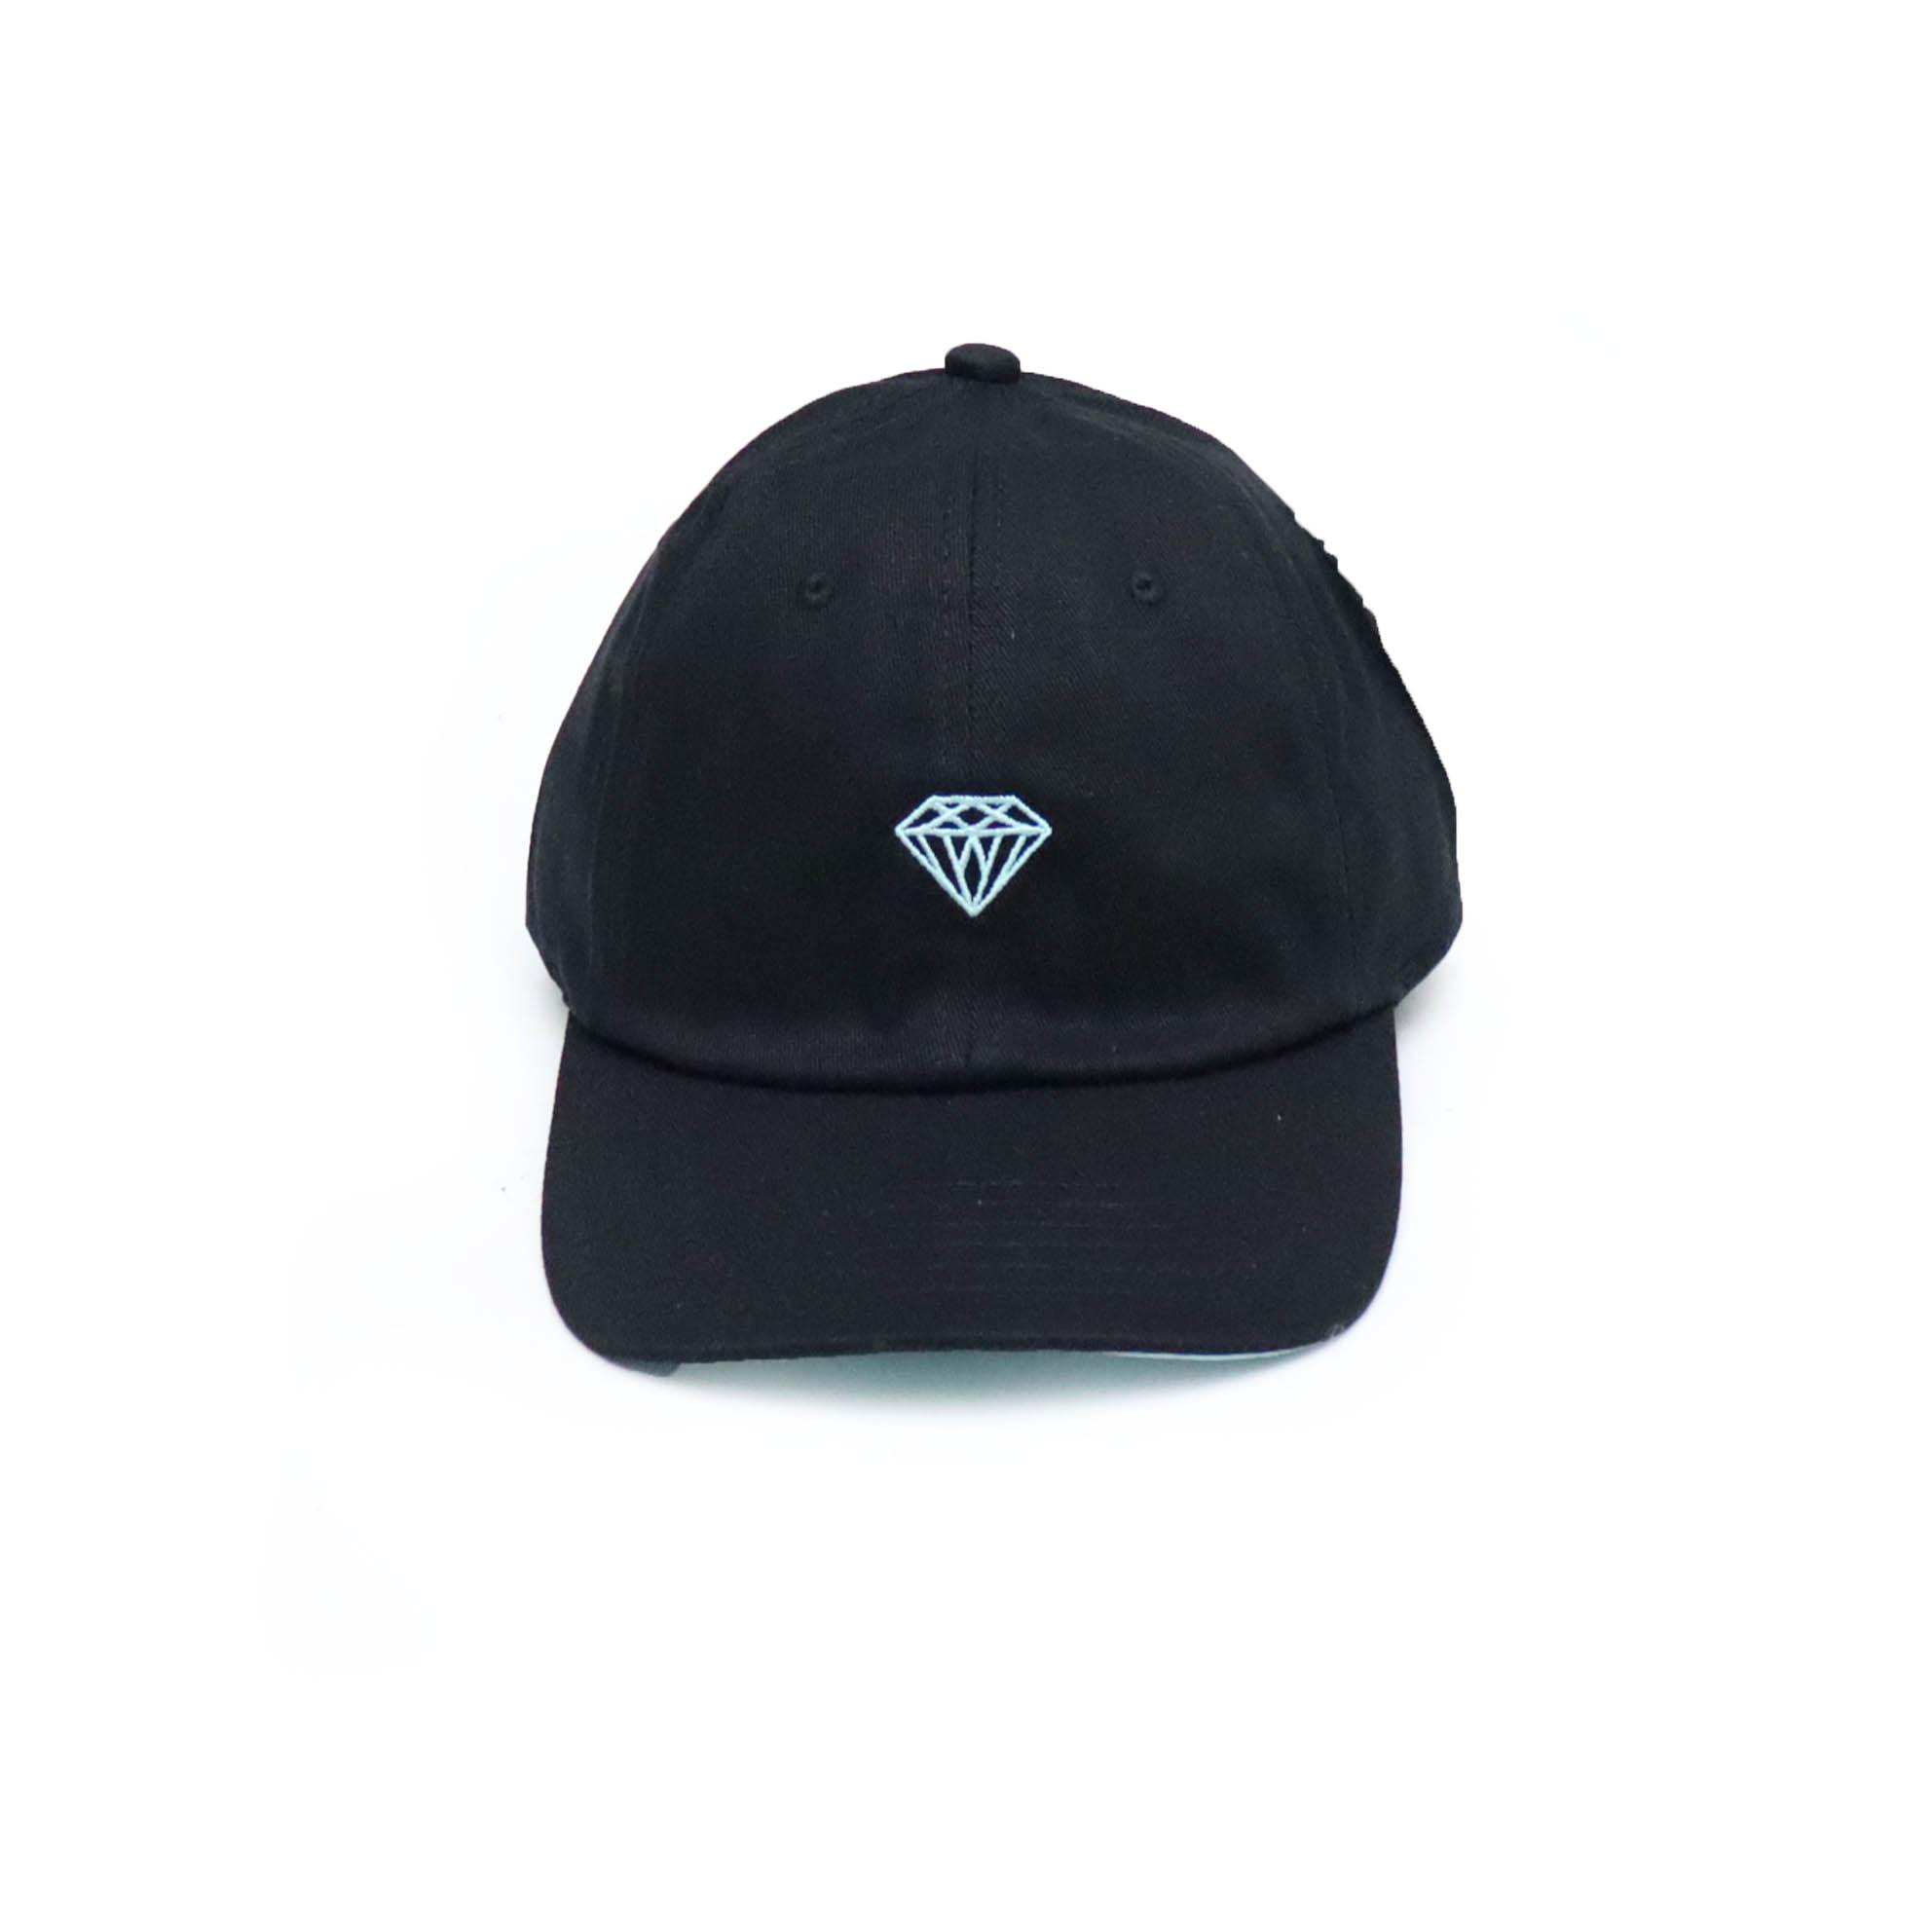 Boné Diamond Dad Hat WLL x DMND - Preto/Verde